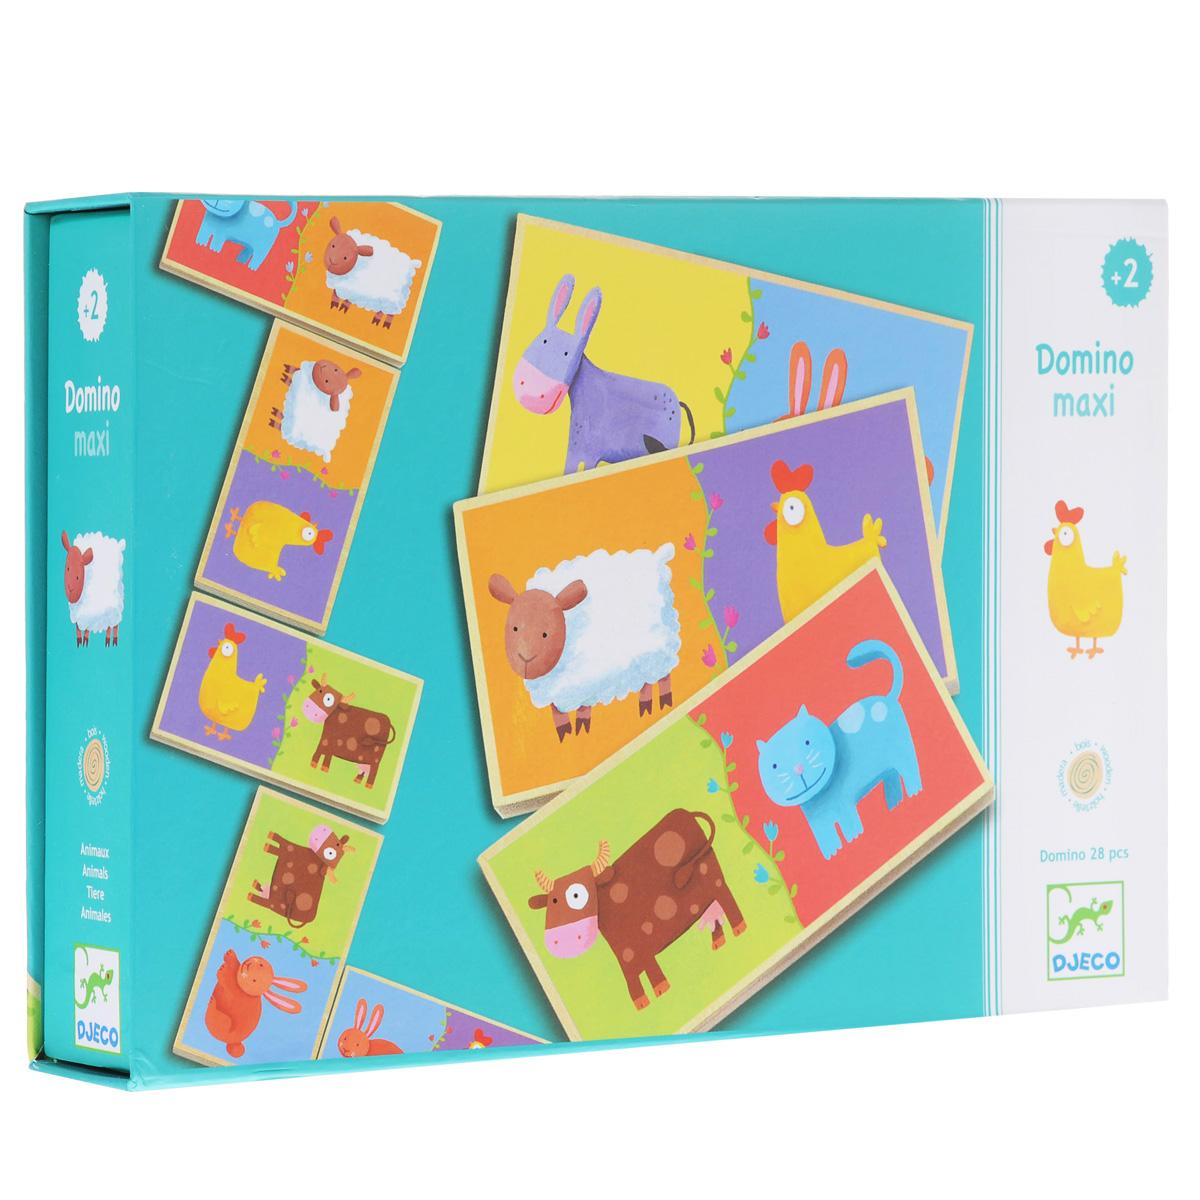 Игра Djeco Домино макси01639Домино макси - замечательное детское домино, в котором кроме привычных точек, с другой стороны карточек, изображены веселые животные. Ребята помладше могут составлять цепочки из веселых зверюшек, а ребята постарше, которые умеют считать могут играть в классическое домино. Игра направлена на развитие у детей понятий формы, цвета, разновидностей животных и навыков счета, внимательности. Продолжительная игра скрасит детские зимние вечера и займет вашего ребенка и его друзей.